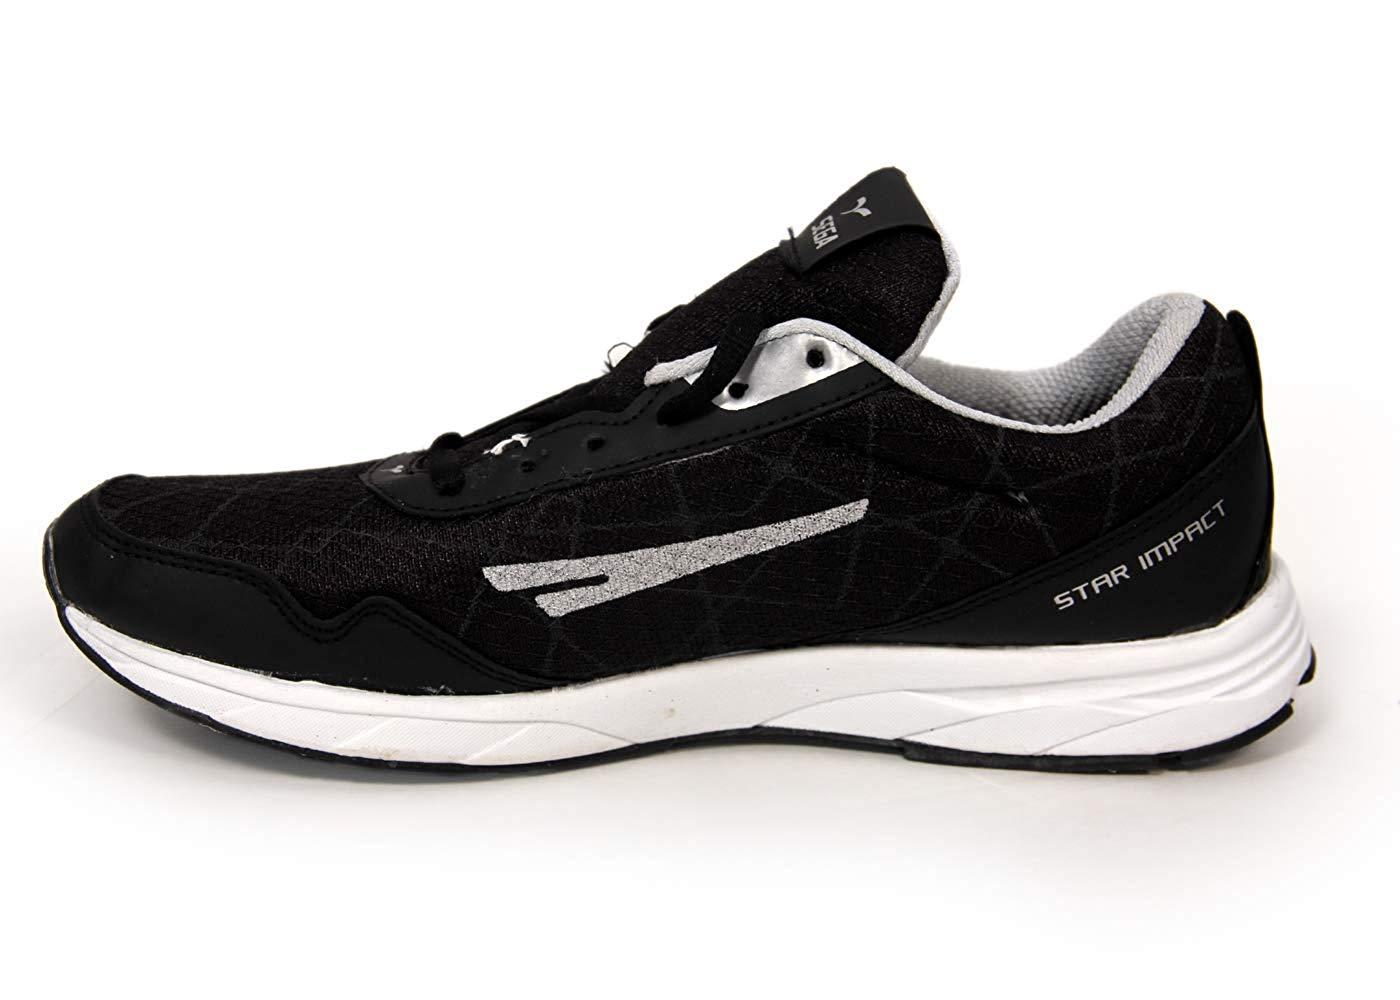 sega unisex marathon running shoes